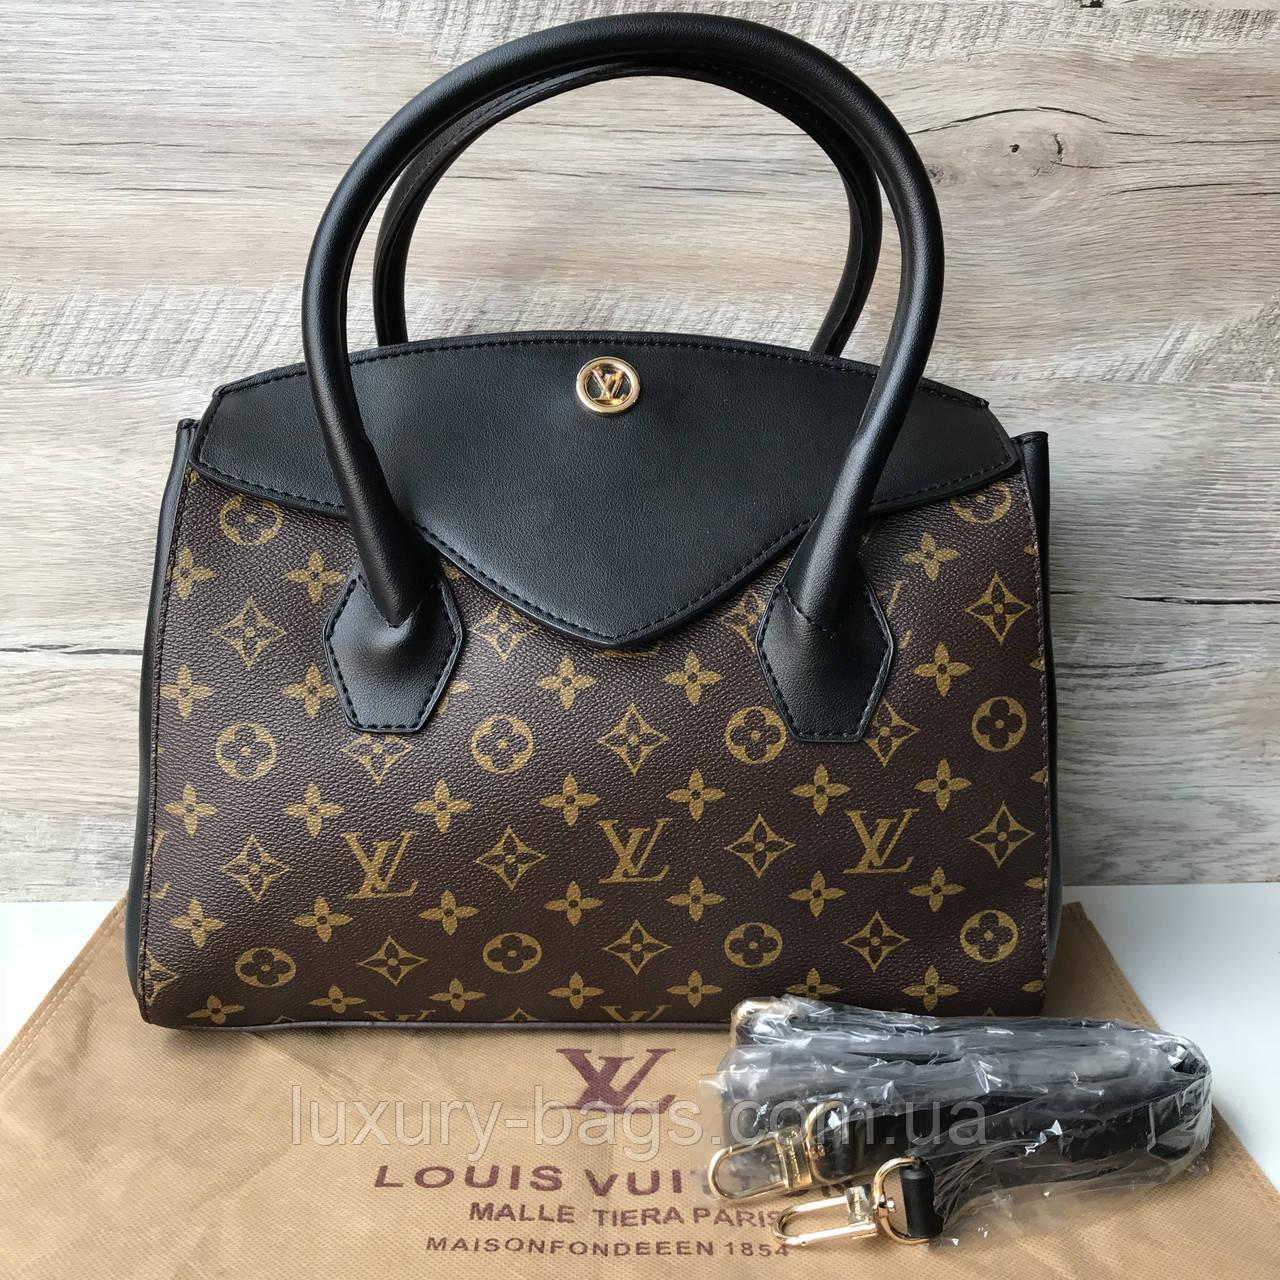 add5caba15d4 Женская сумка Louis Vuitton Луи Виттон новая модель - BaGsInTrend в Одессе